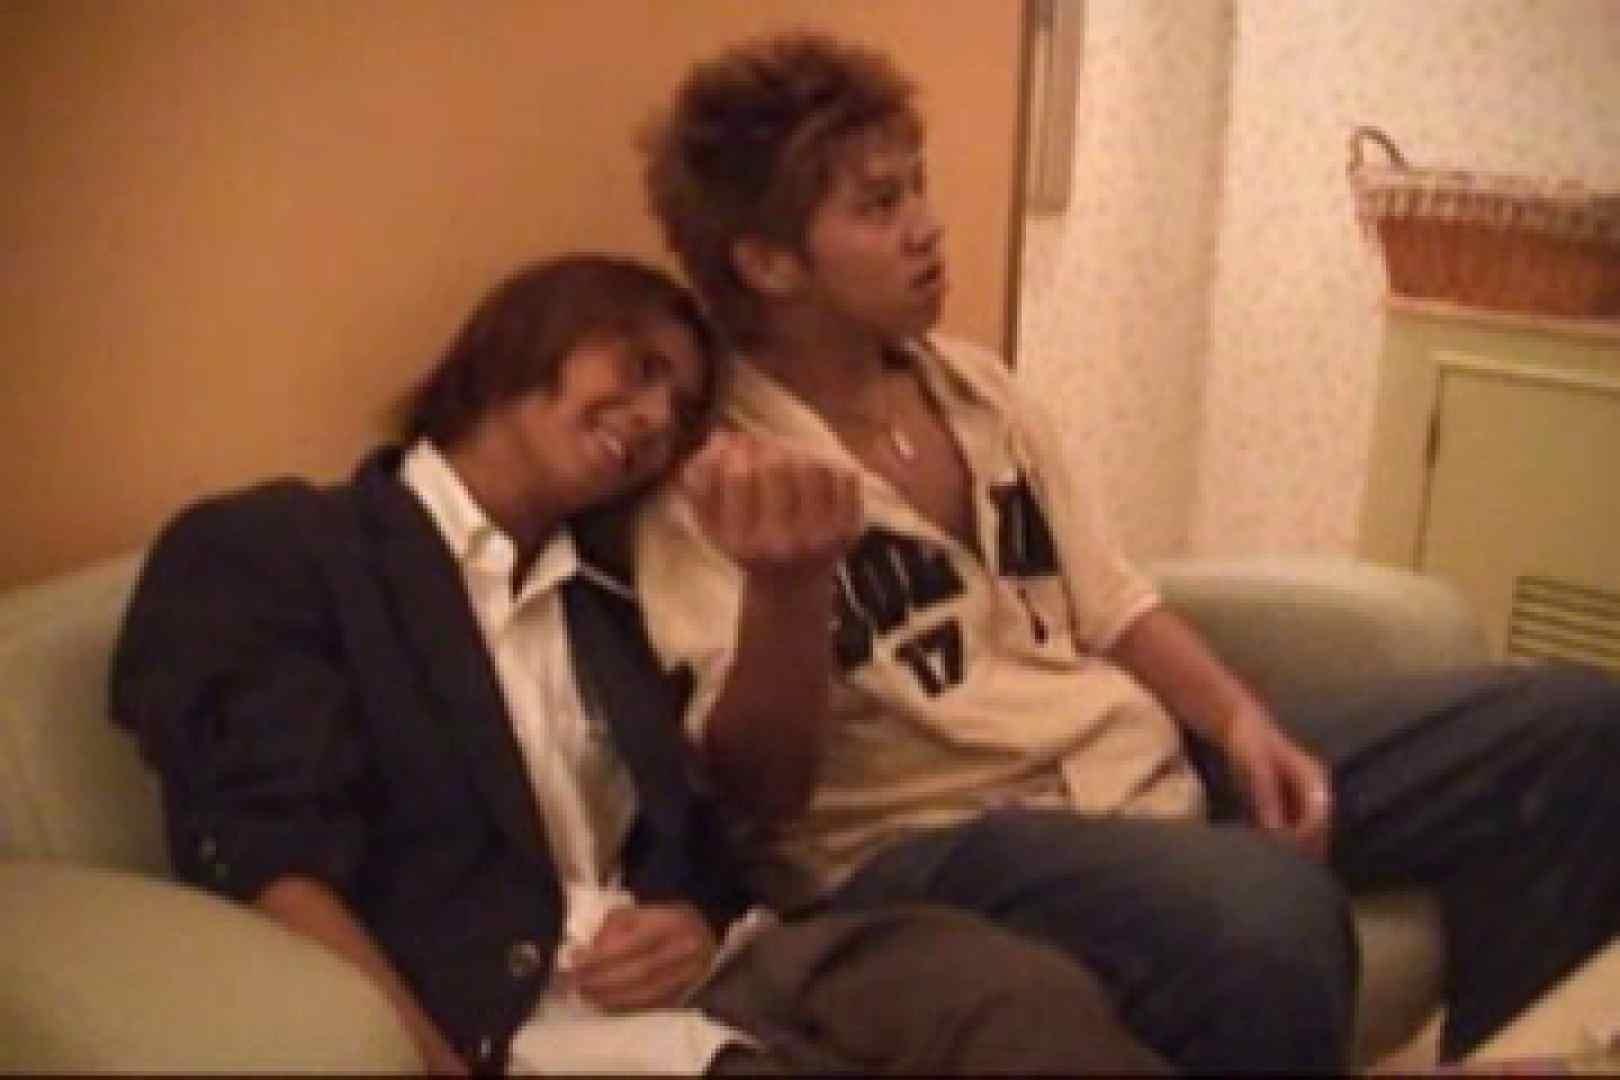 【流出】ジャニ系イケメン!!フライング&アナルが痛くて出来ません!! 風呂天国 ゲイフリーエロ画像 83枚 14